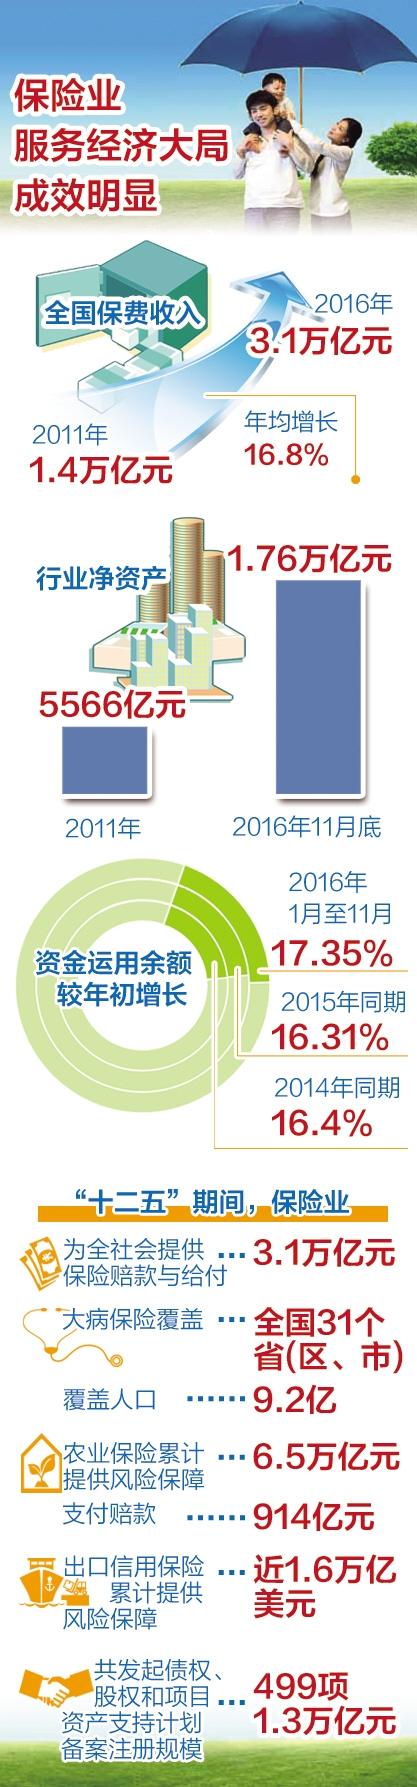 2016年保险业成绩亮眼 监管力度持续加大